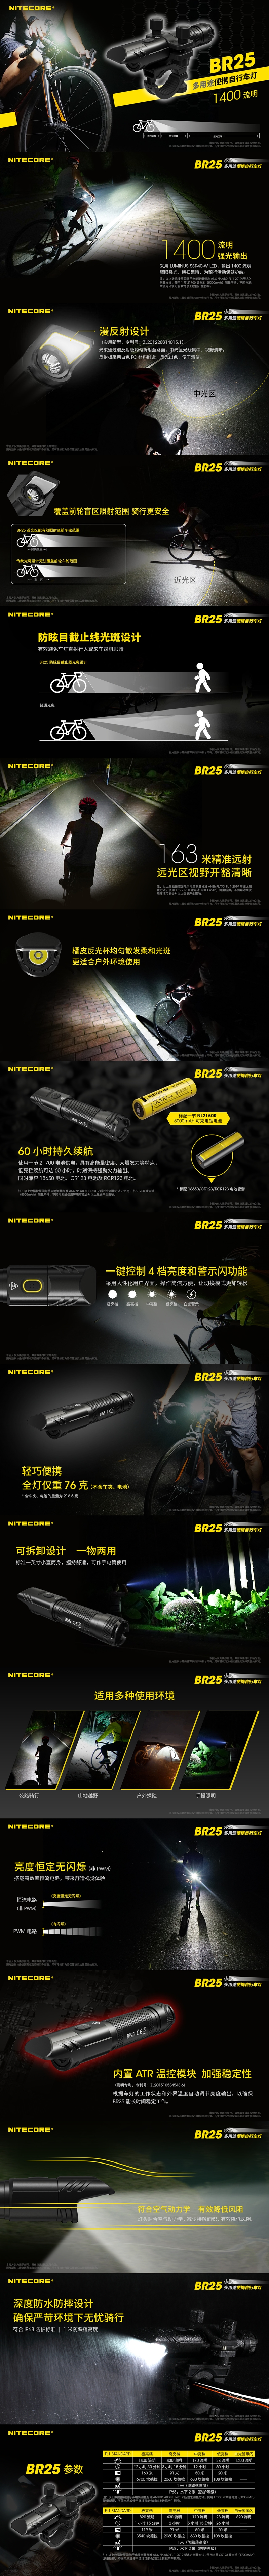 0 NITECORE BR25 自行車燈 1400流明 漫反射設計 防眩目 近、中、遠三光 76克 快拆 (1)